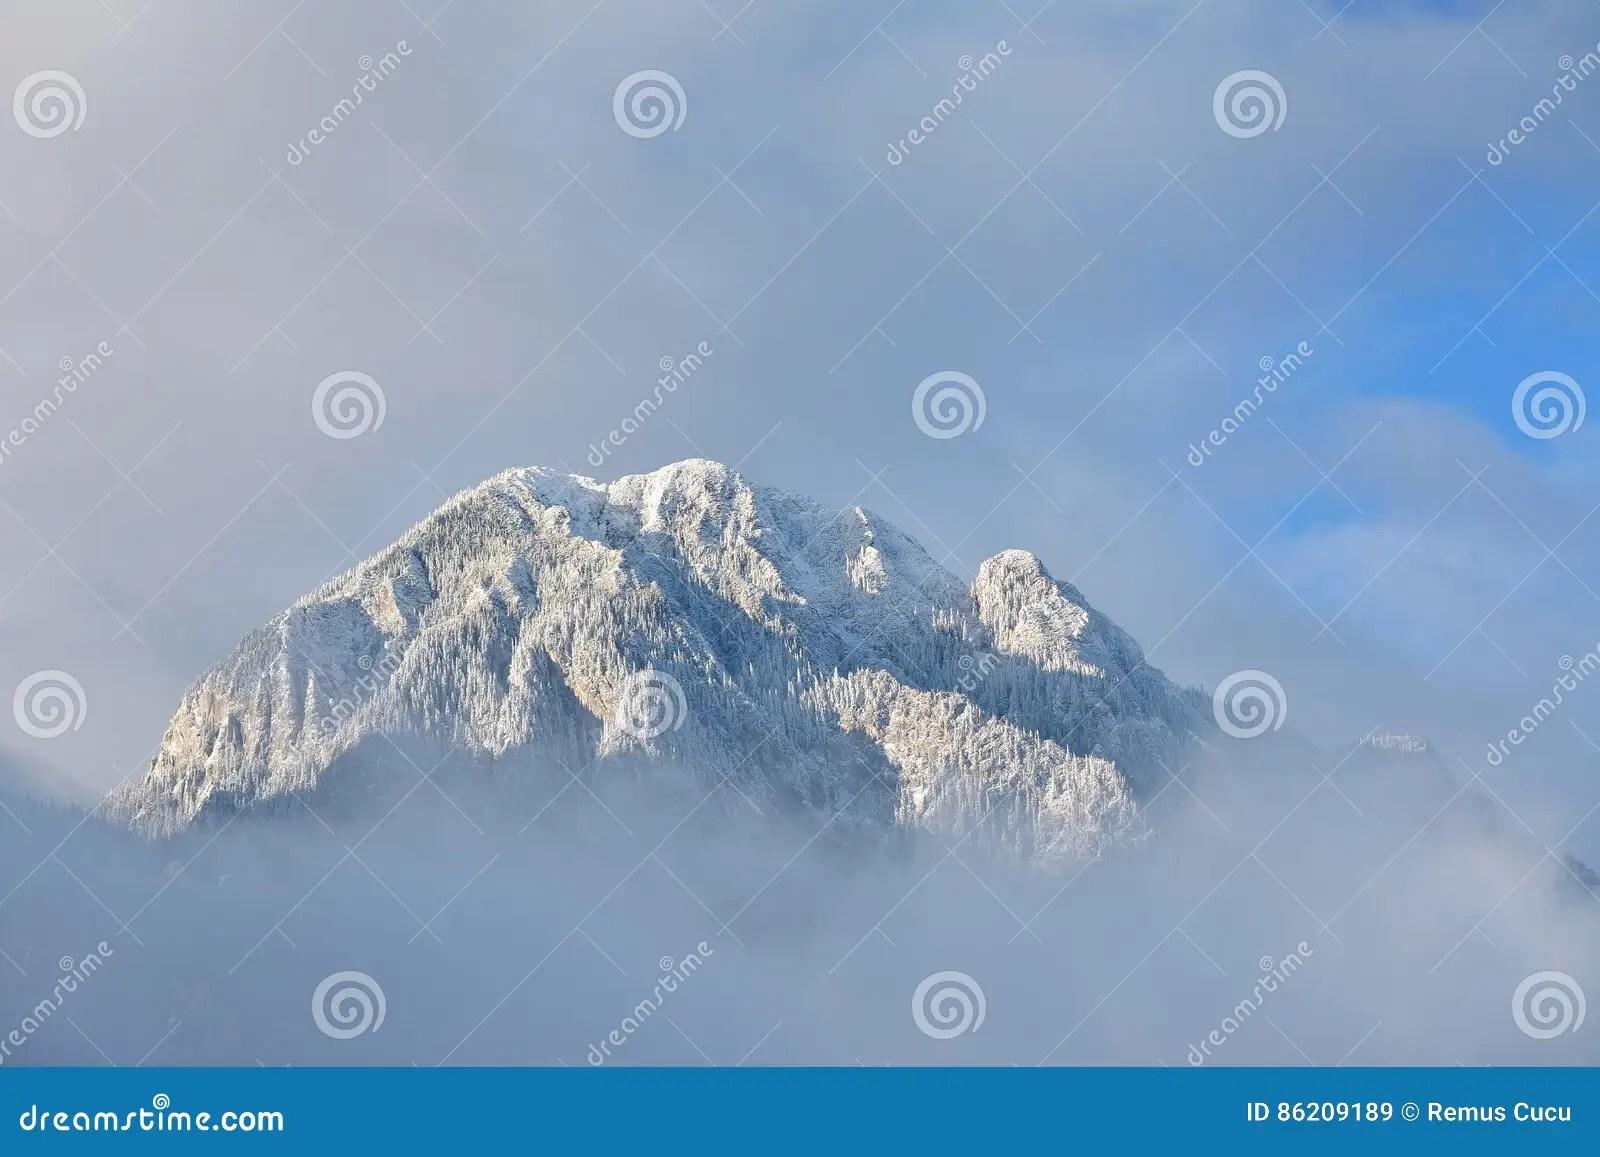 Paesaggio Alpino Con I Picchi Coperti Da Neve Immagine Stock  Immagine di hiking nubi 86209189